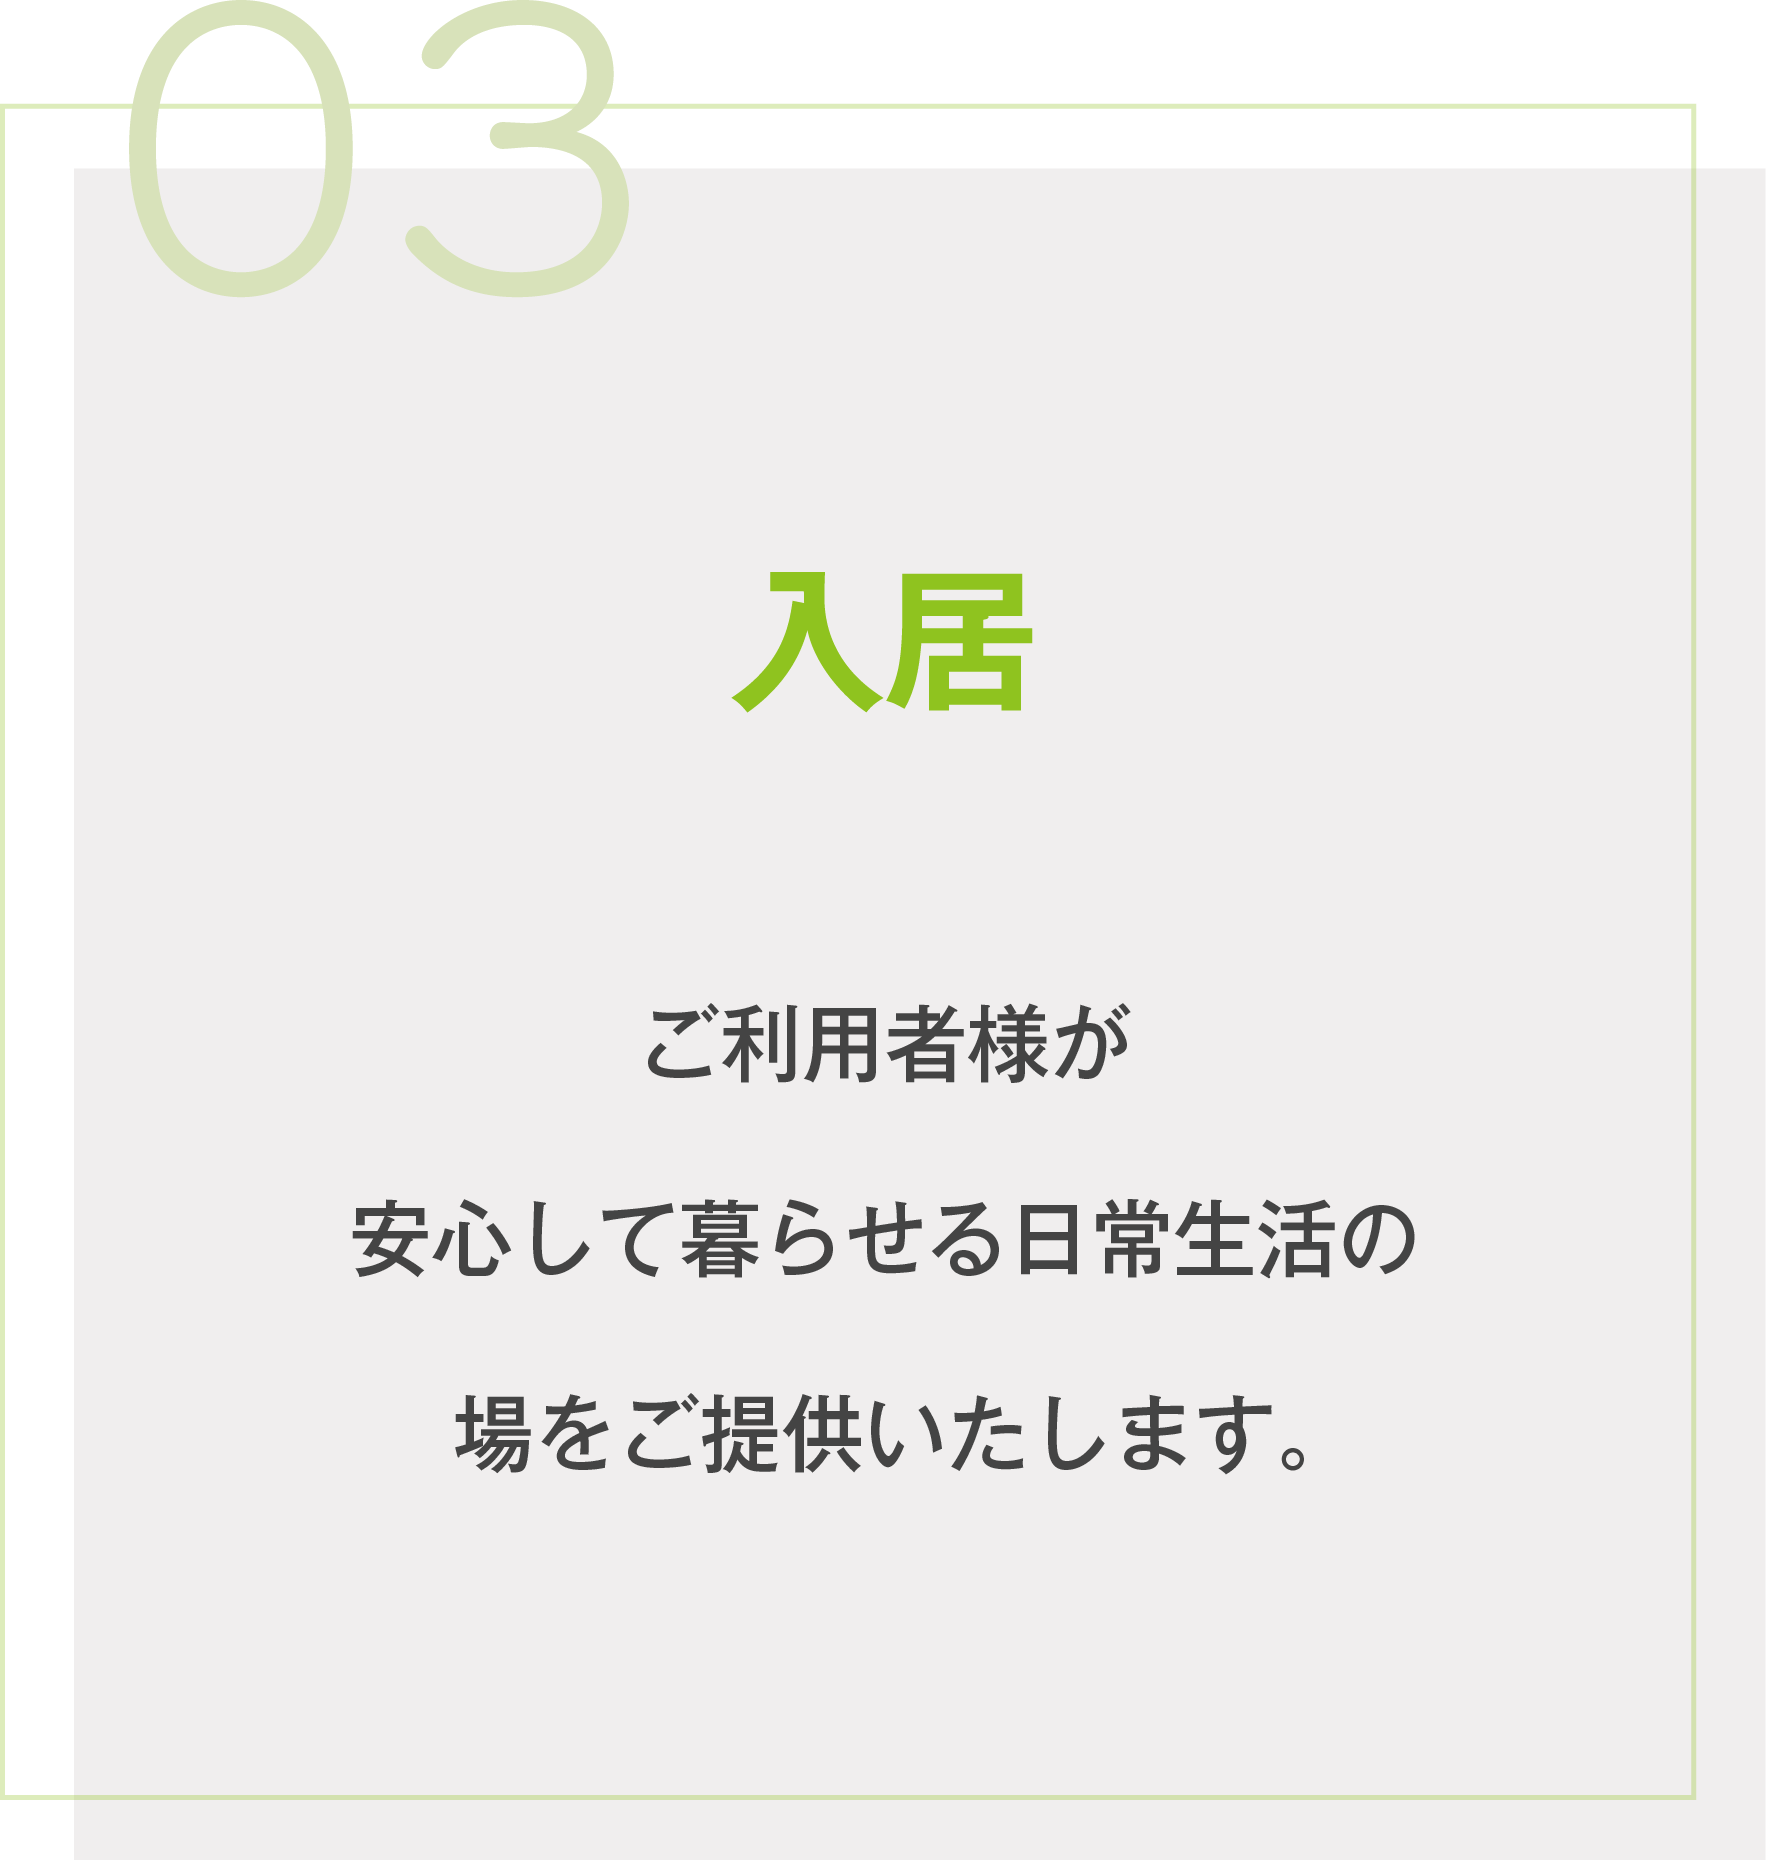 栃木県宇都宮市の障がい者自立支援・共同生活支援 | 障害者グループホーム ファミリー宇都宮のpc画像 | 03.入居 ご利用者様が安心して暮らせる日常生活の場をご提供いたします。